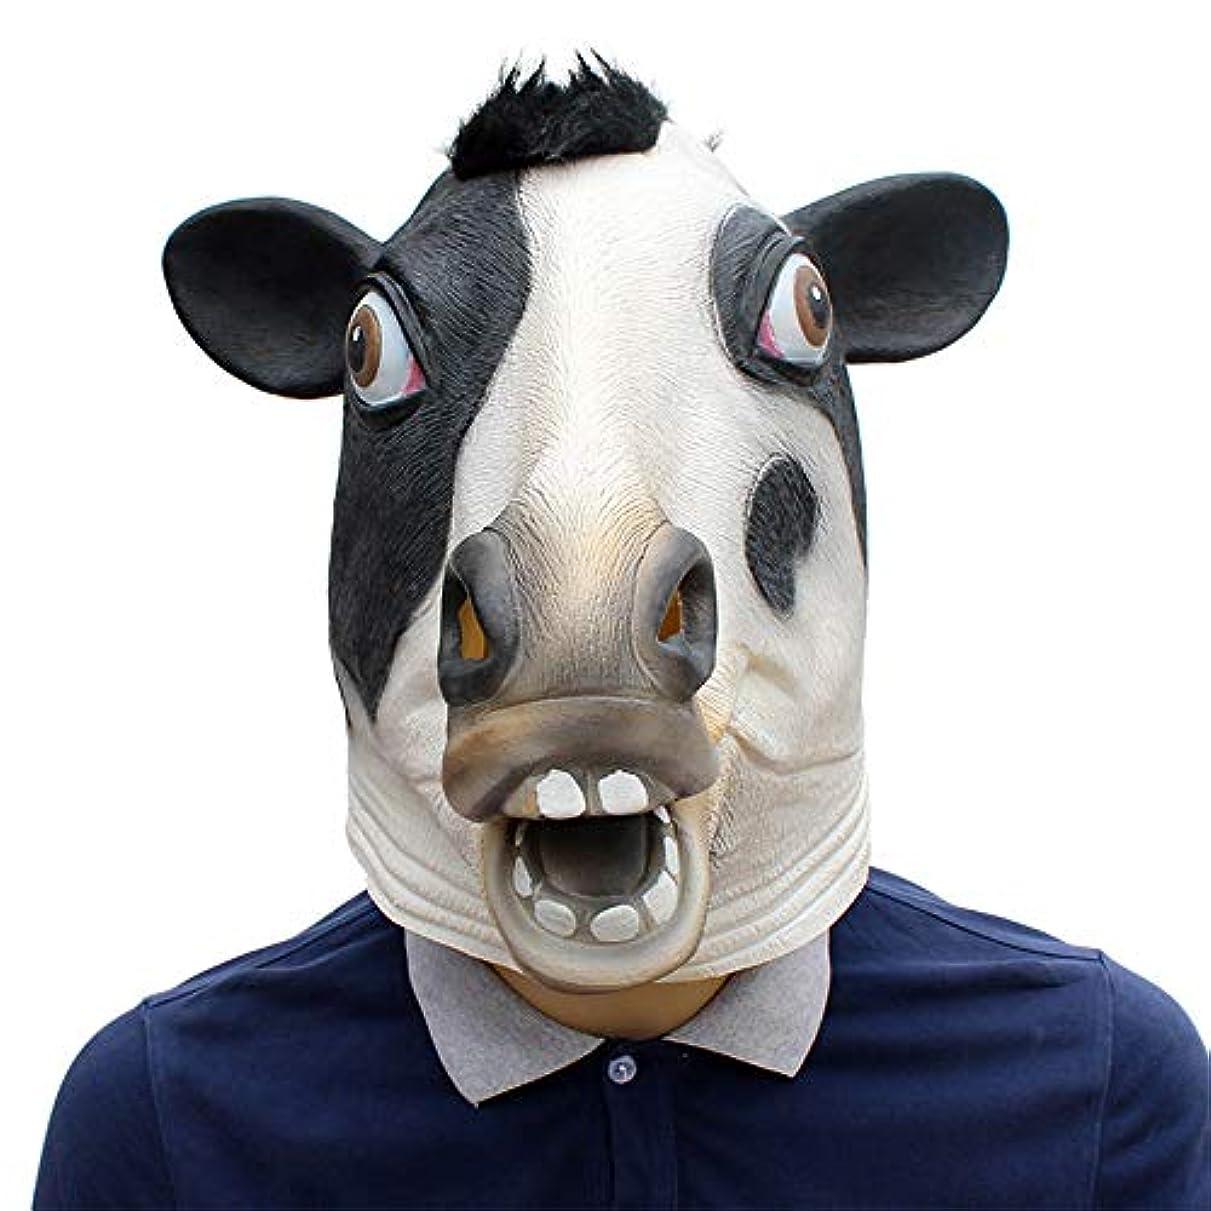 先に主張する各ヘッドギアハロウィンフェスティバルパーティー用品動物牛マスクヘッドギアラテックスマスクプロムの小道具に適したバーレスクパーティーギャングバー